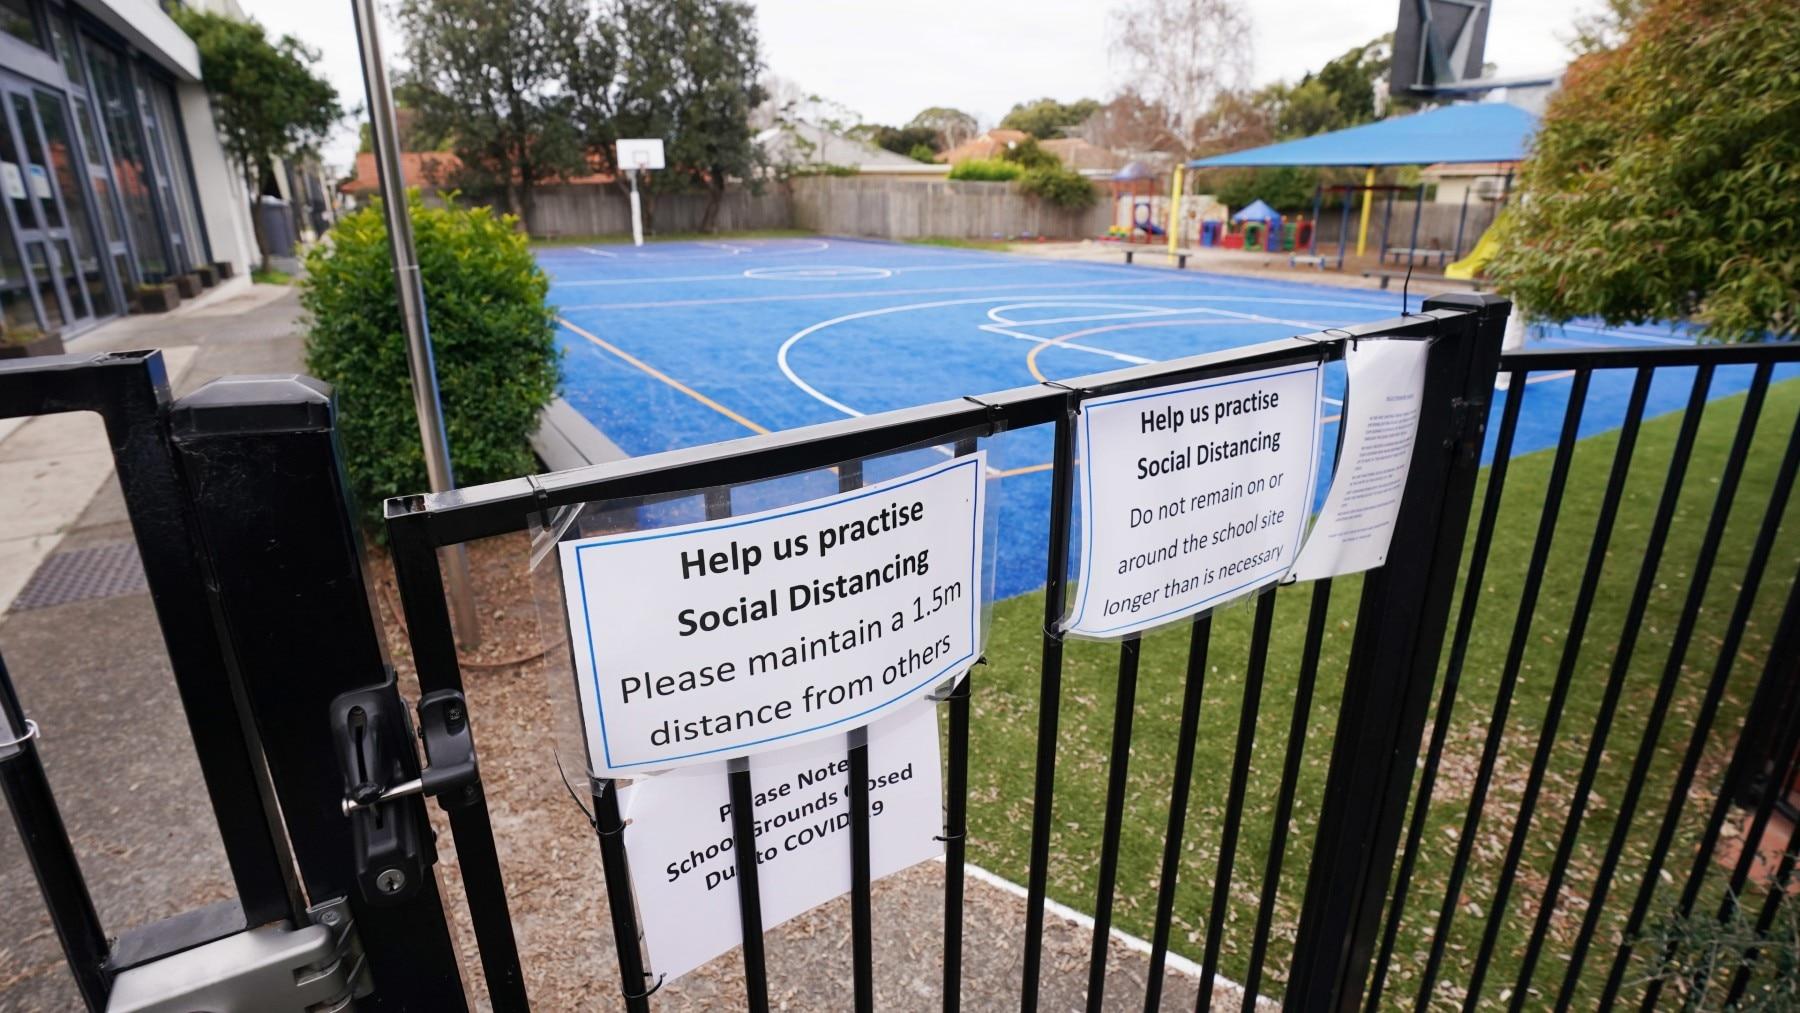 VCE school closure due to covid 19